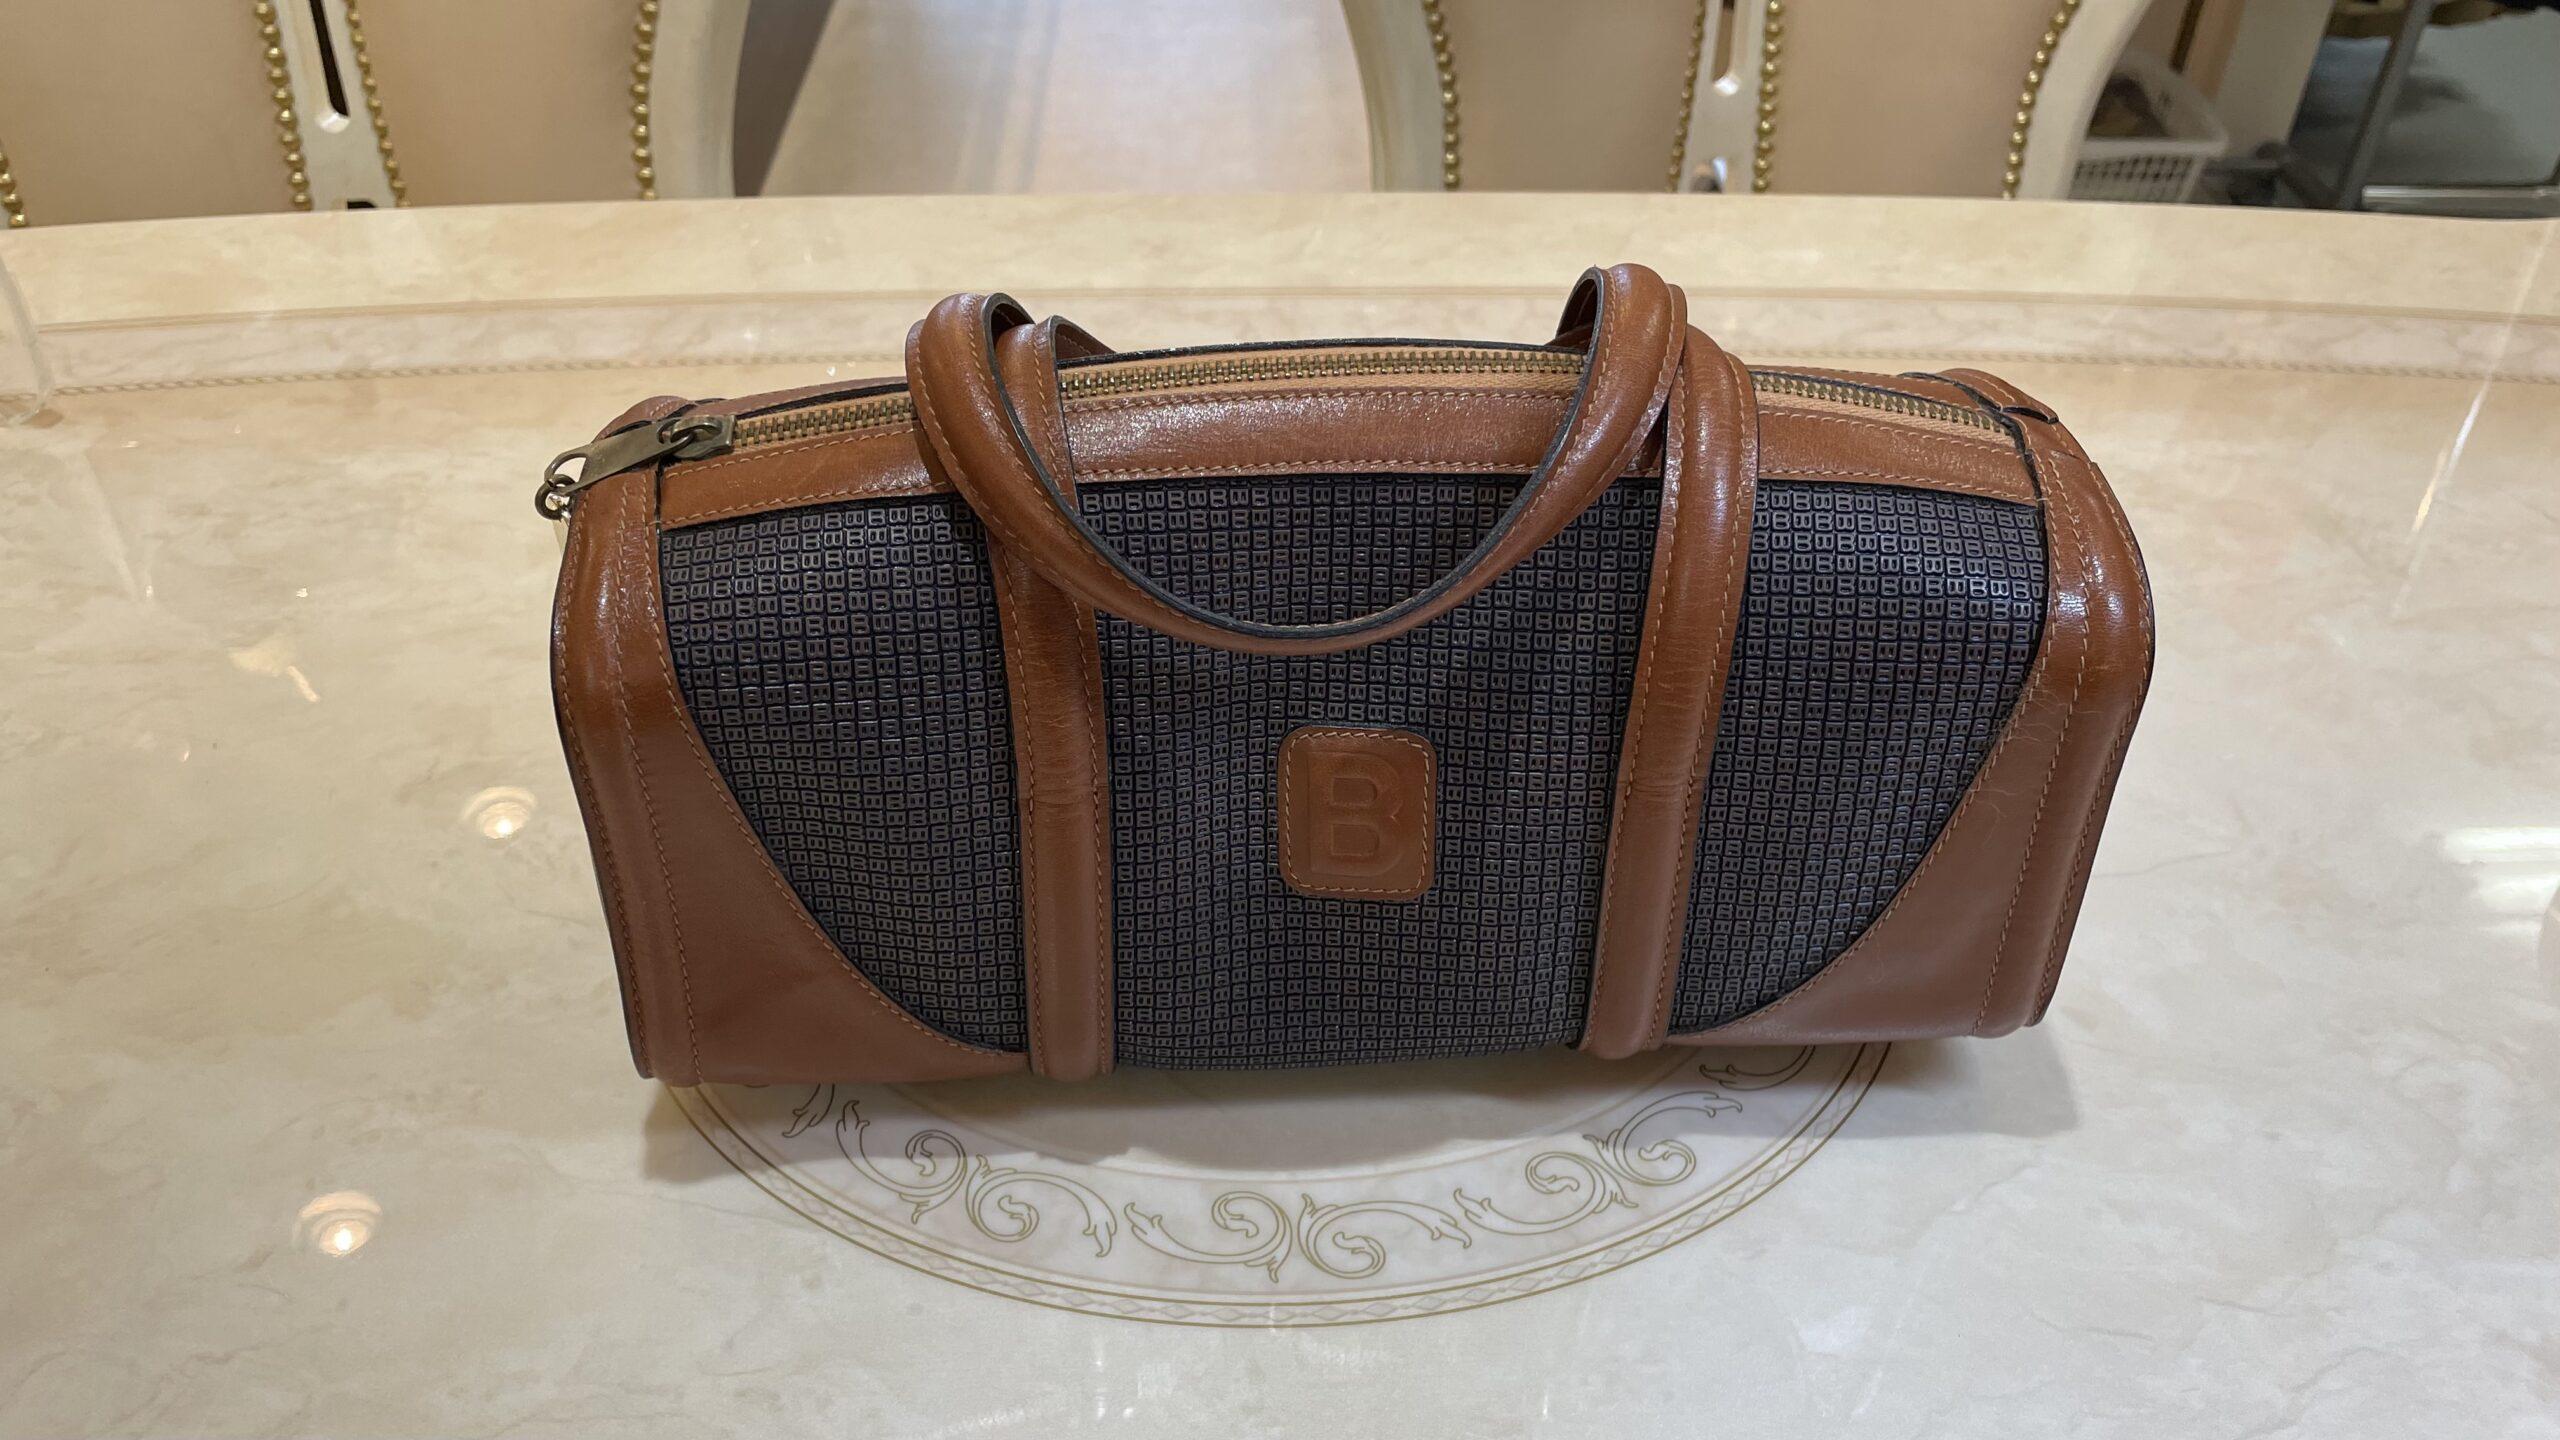 【買取速報】ブランドバッグ、BALLY-2021-02-24